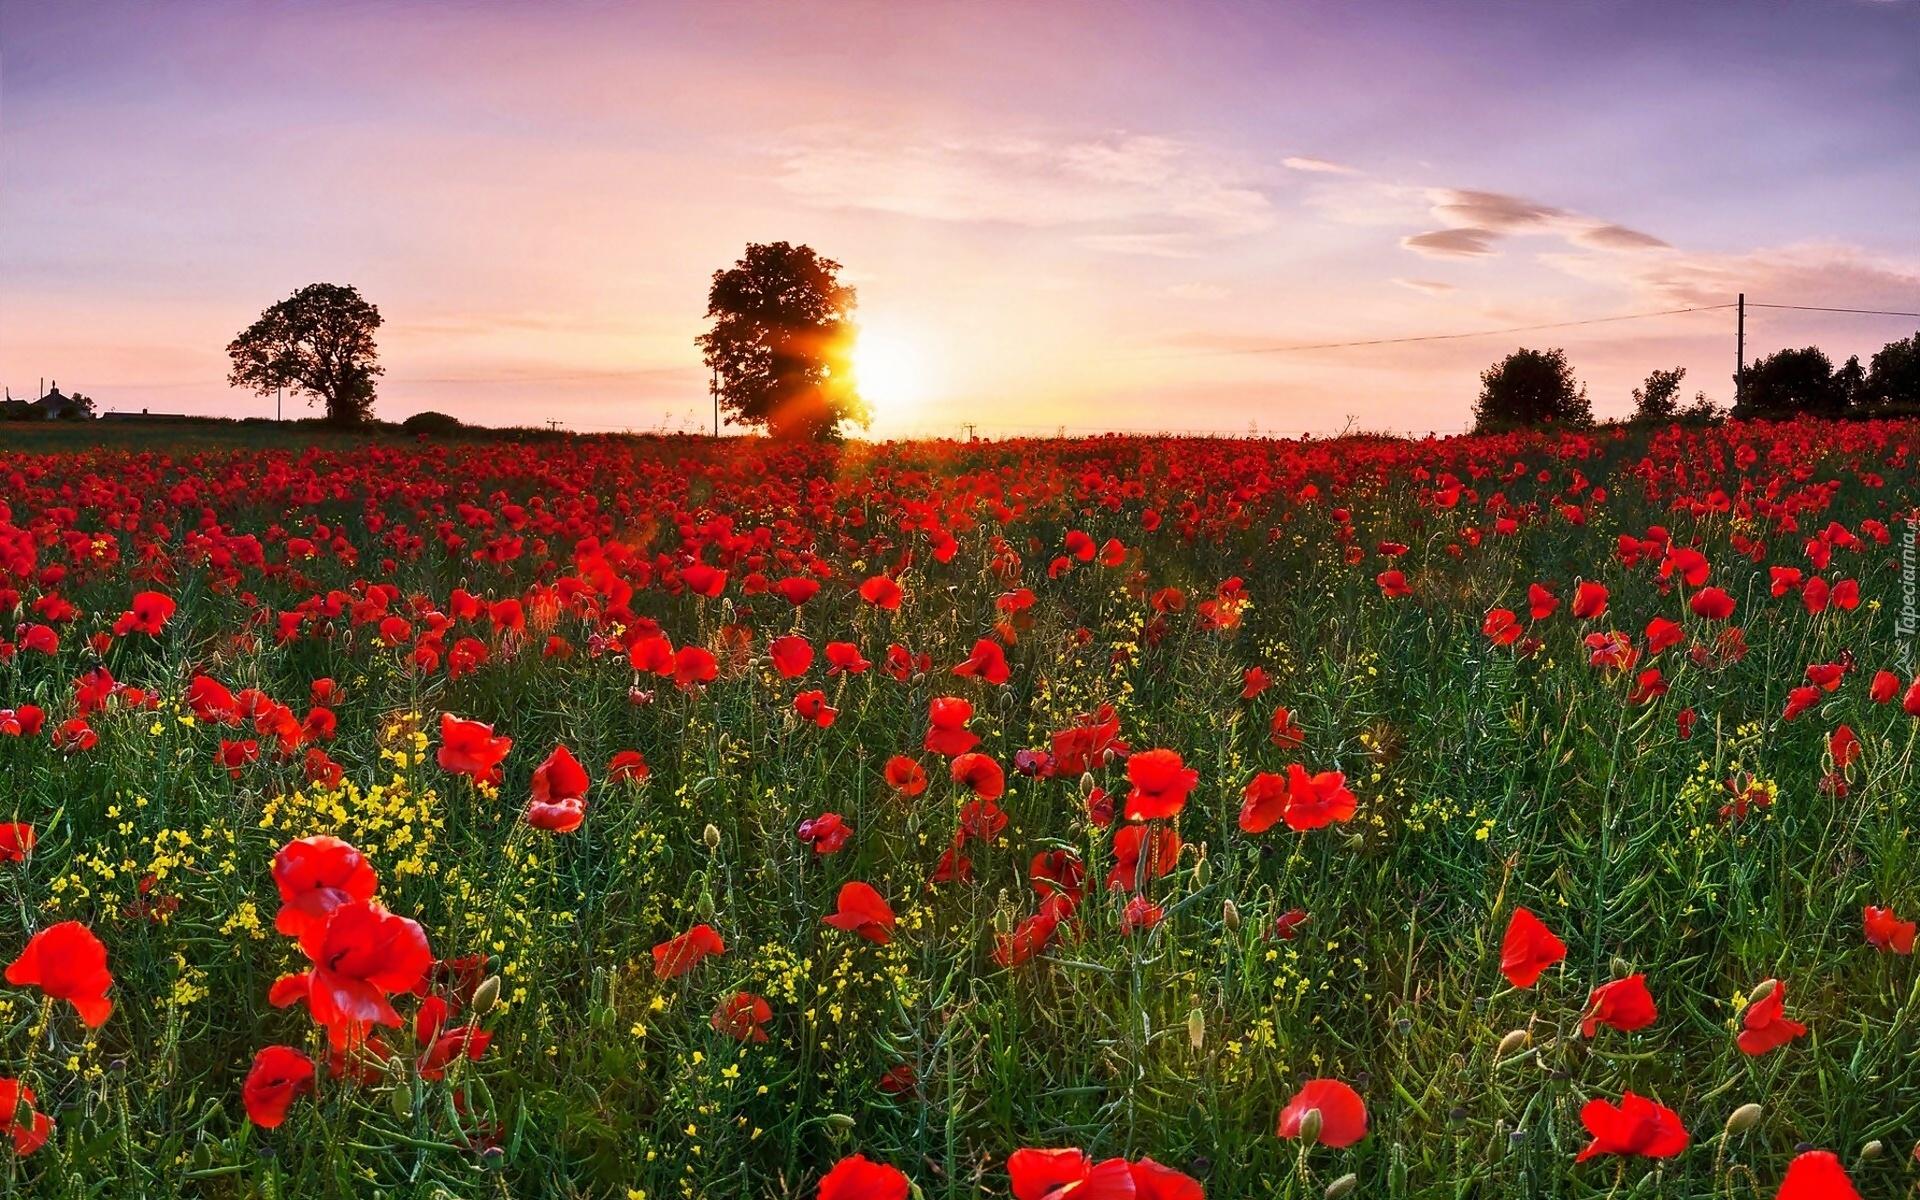 kwiaty na bloga wiosenne kwiaty kwiaty ogrodowe polne kwiaty wybierz